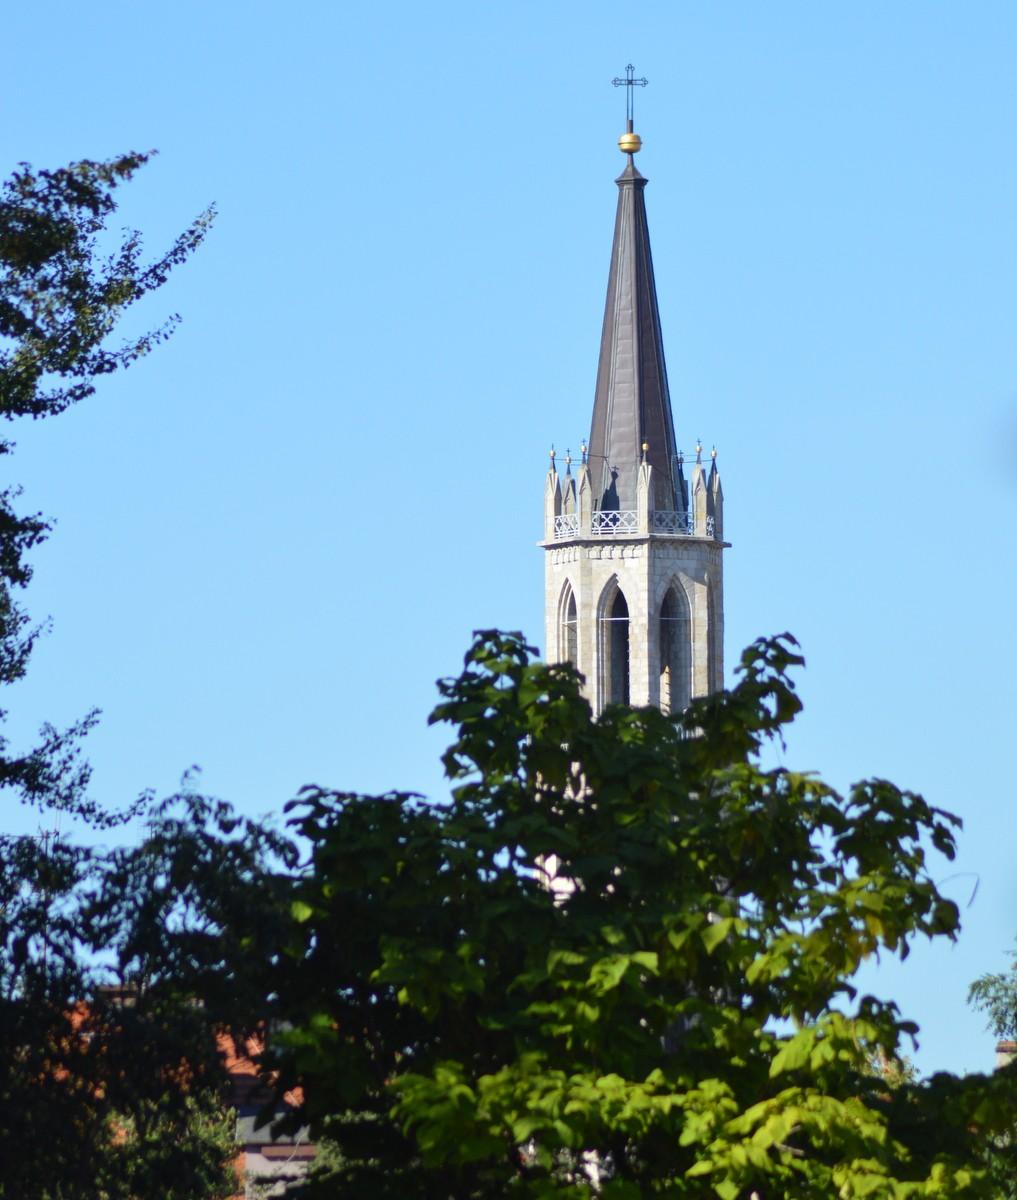 Biała wieża kościoła. z-index: 0